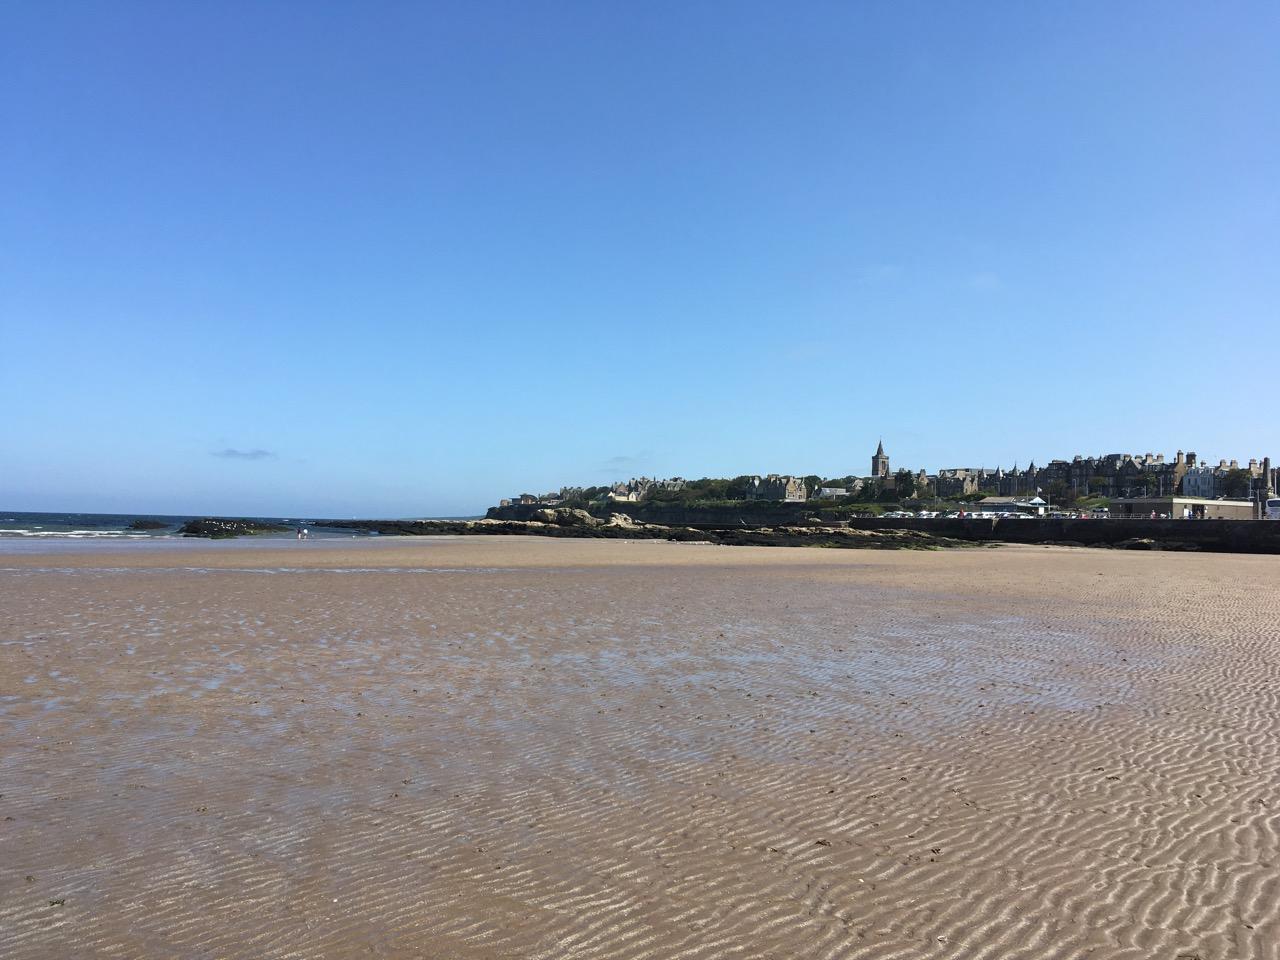 西沙滩(west sands),波浪状的沙地很硬,非常合适散步